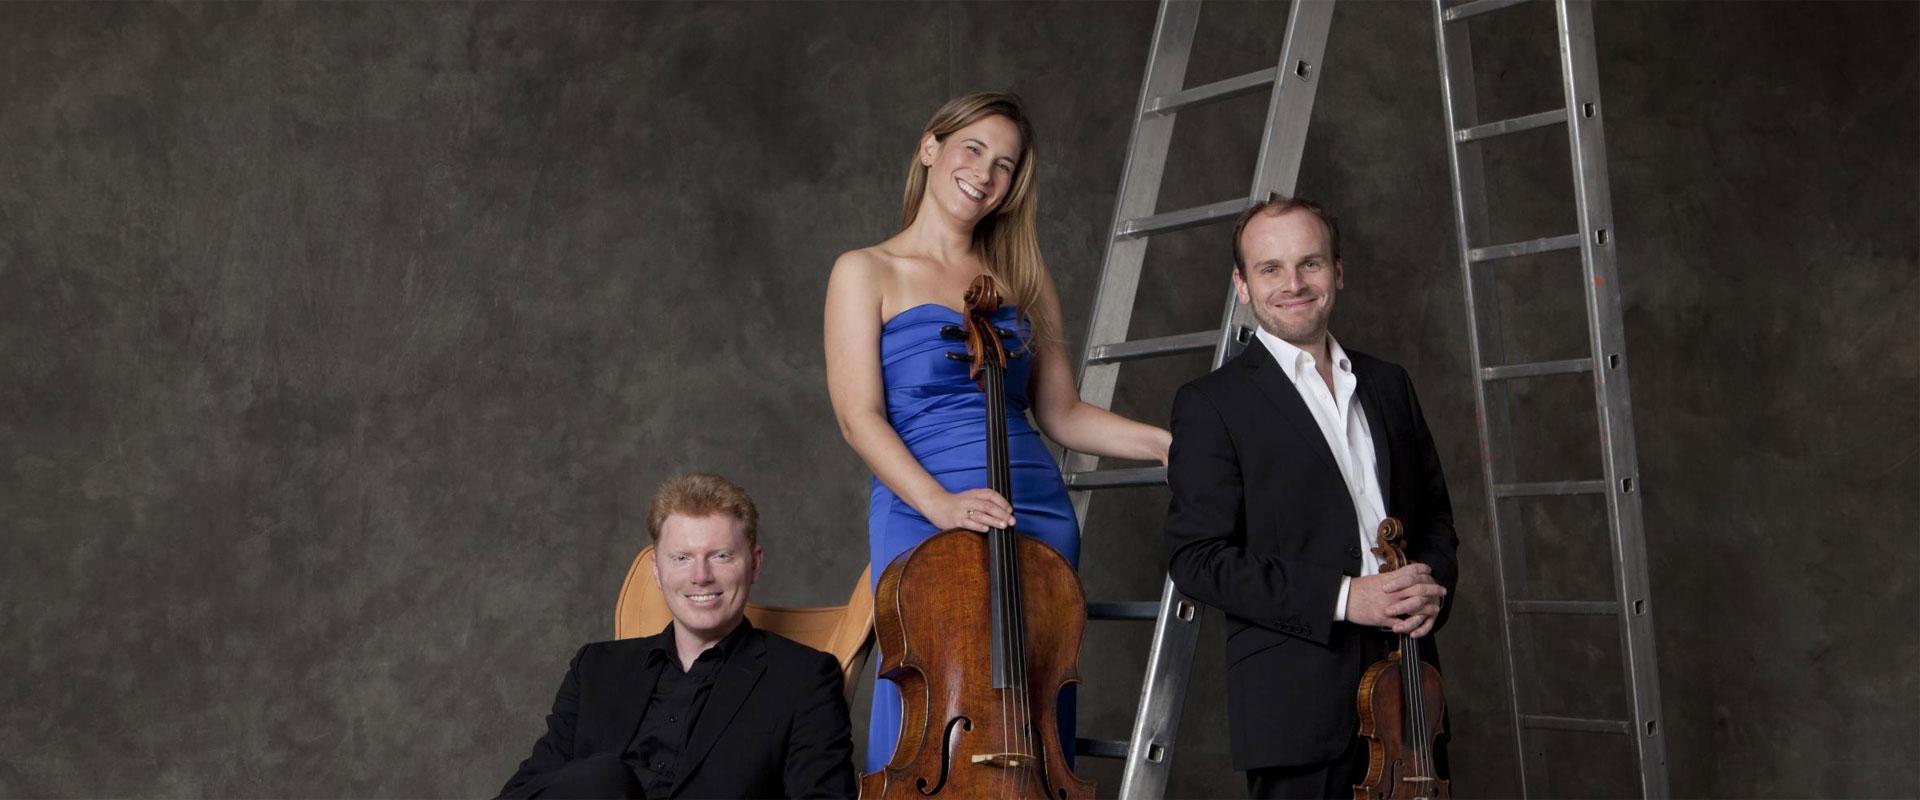 0912 Leonore Piano Trio Oxford Coffee Concerts